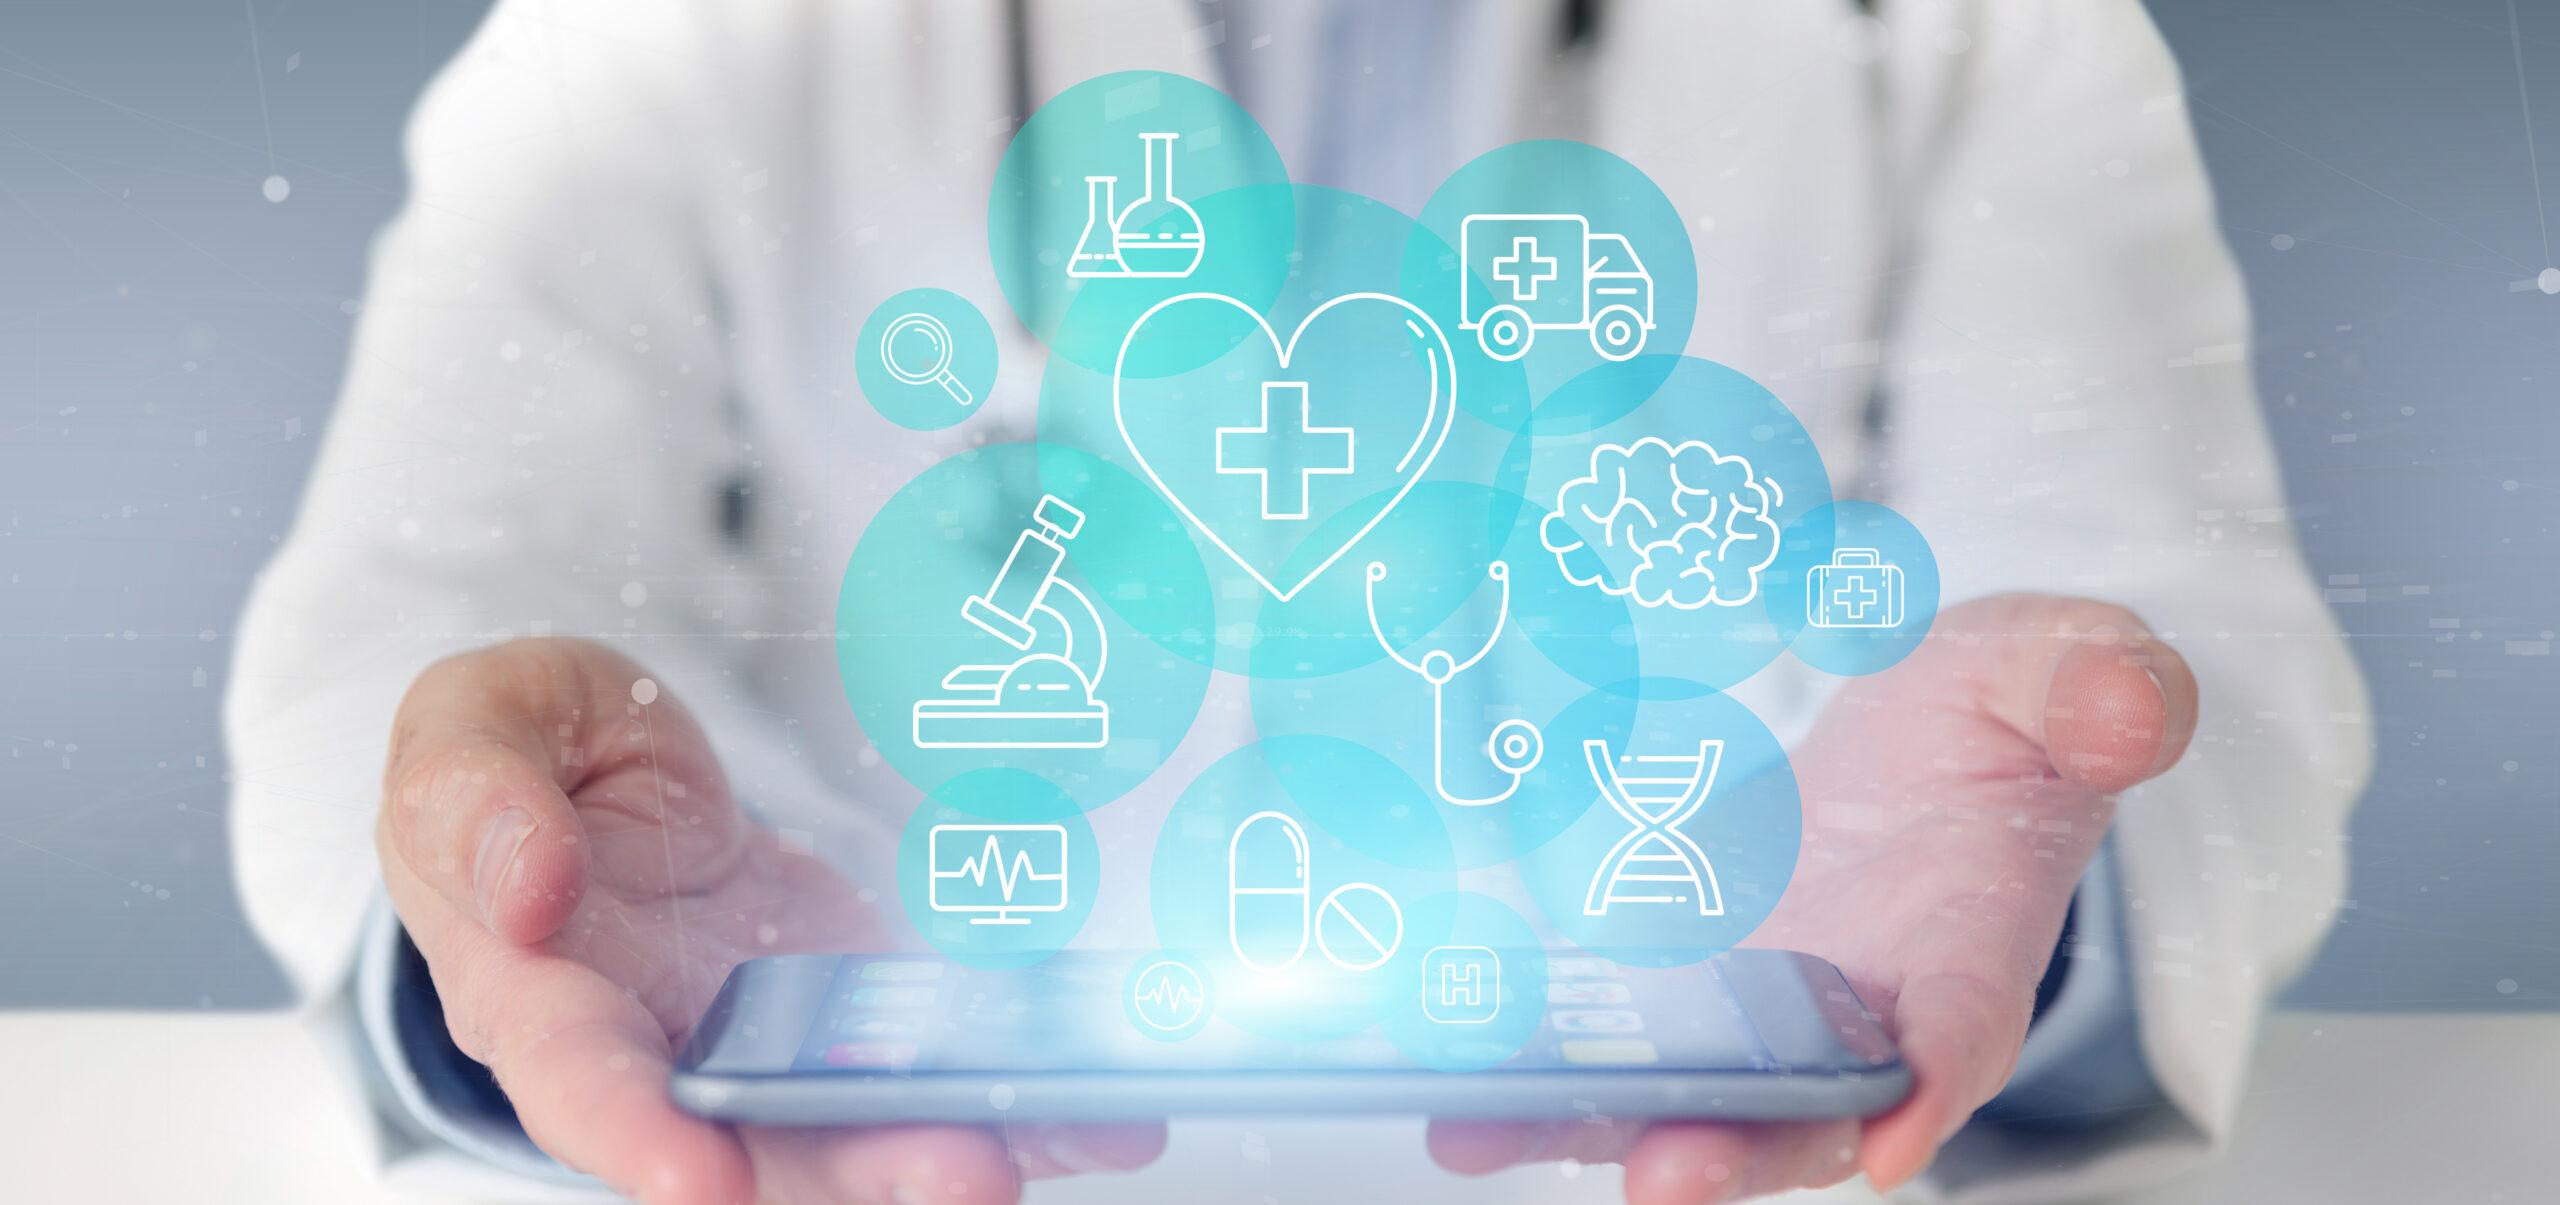 Te contamos por qué tu clínica no está despegando como debe en el entorno digital